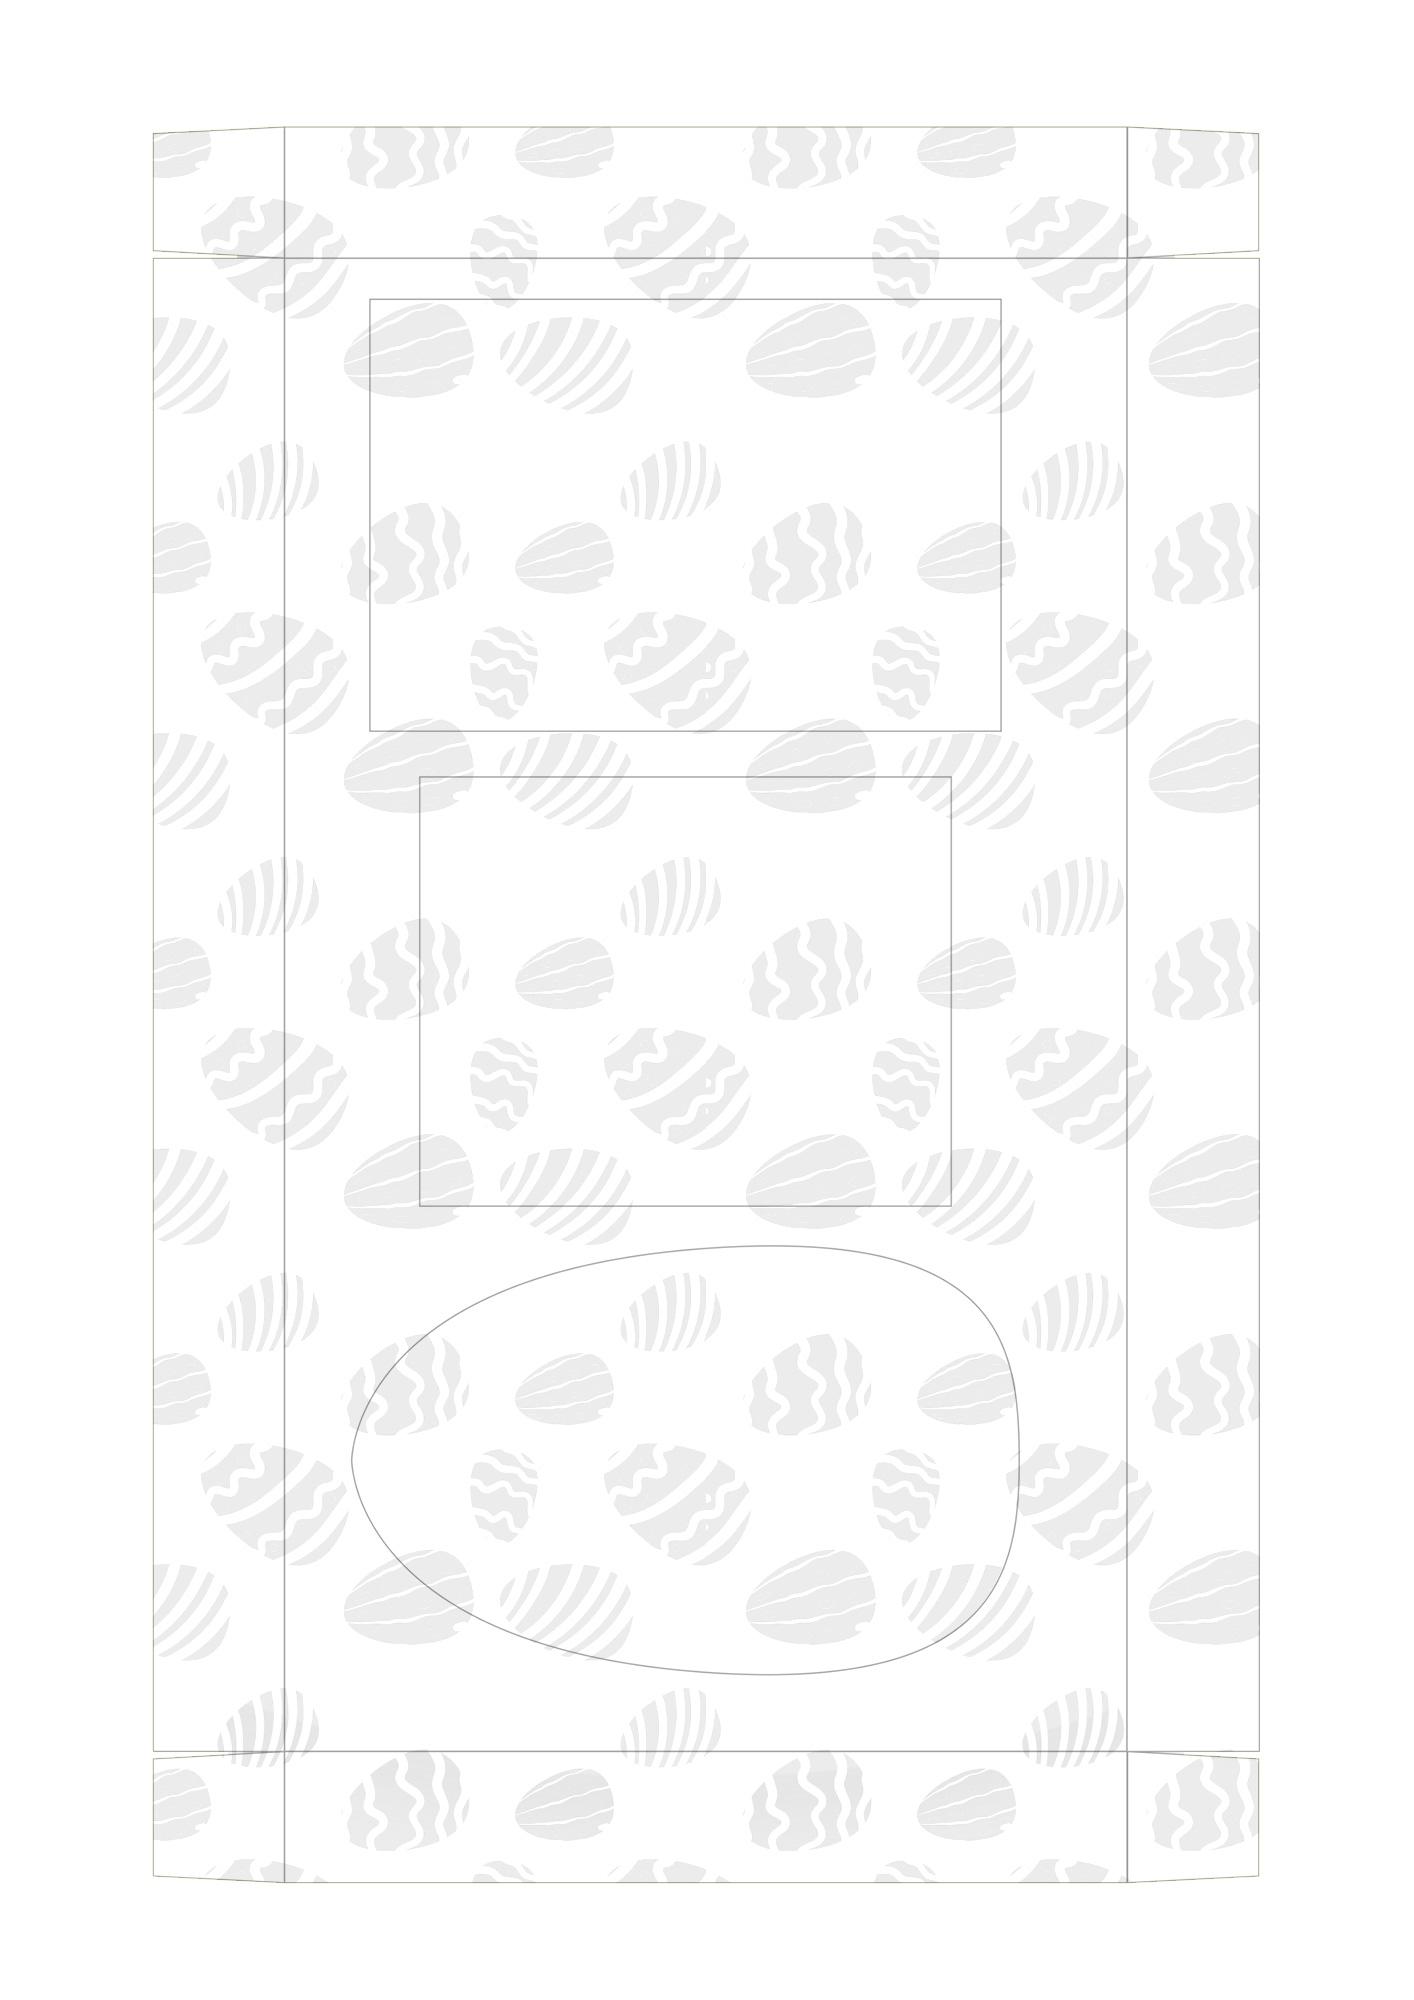 Caixa Kit Mini Confeiteiro para Páscoa - parte de dentro